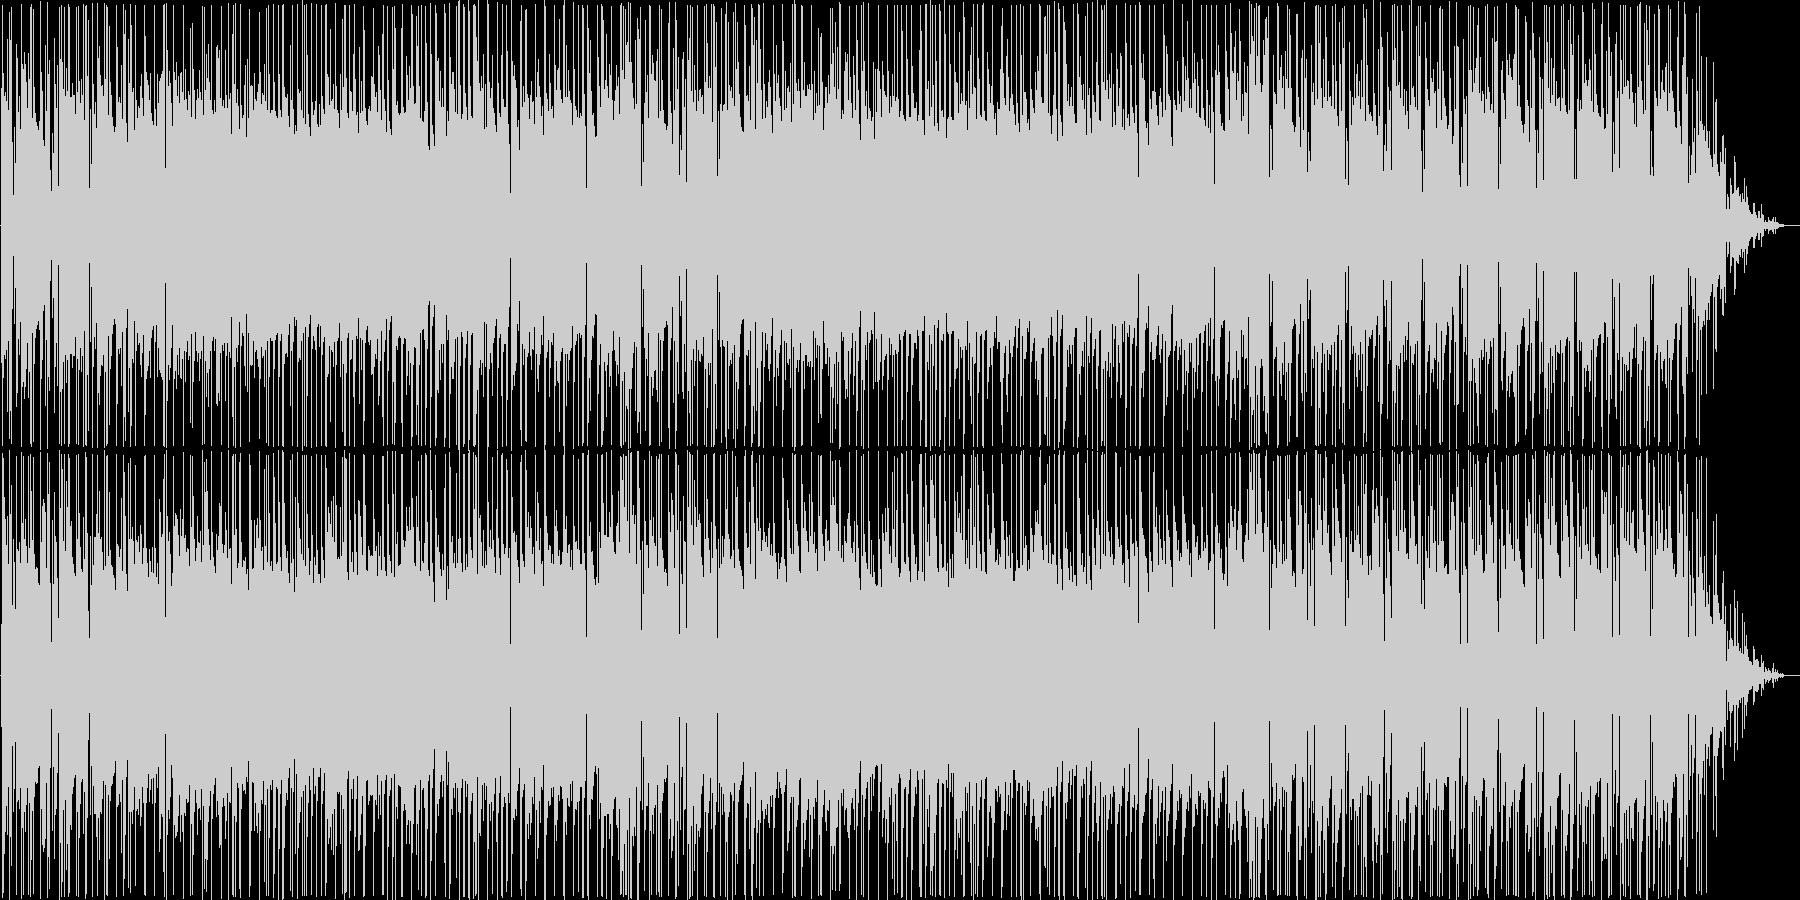 陽気なギターポップスの未再生の波形